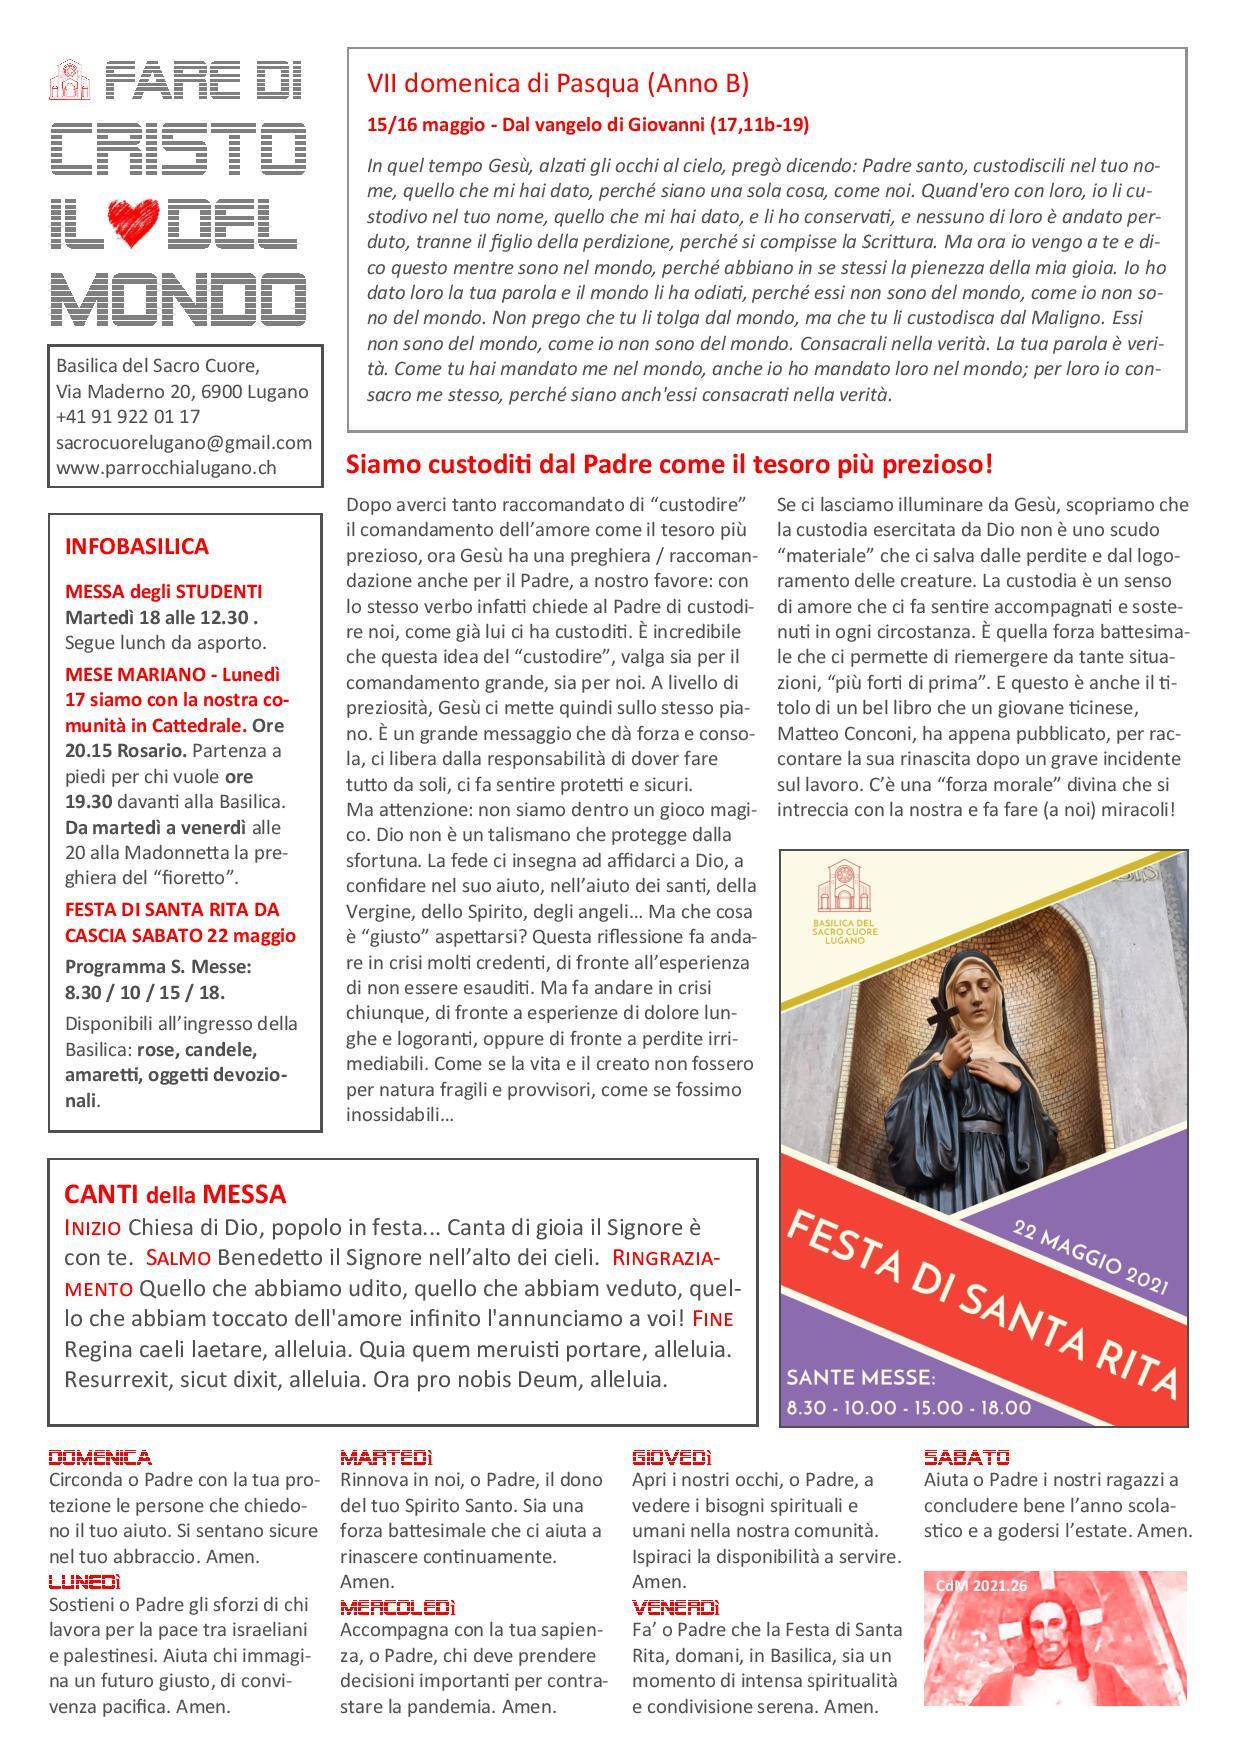 CdM_2021-26-page-001